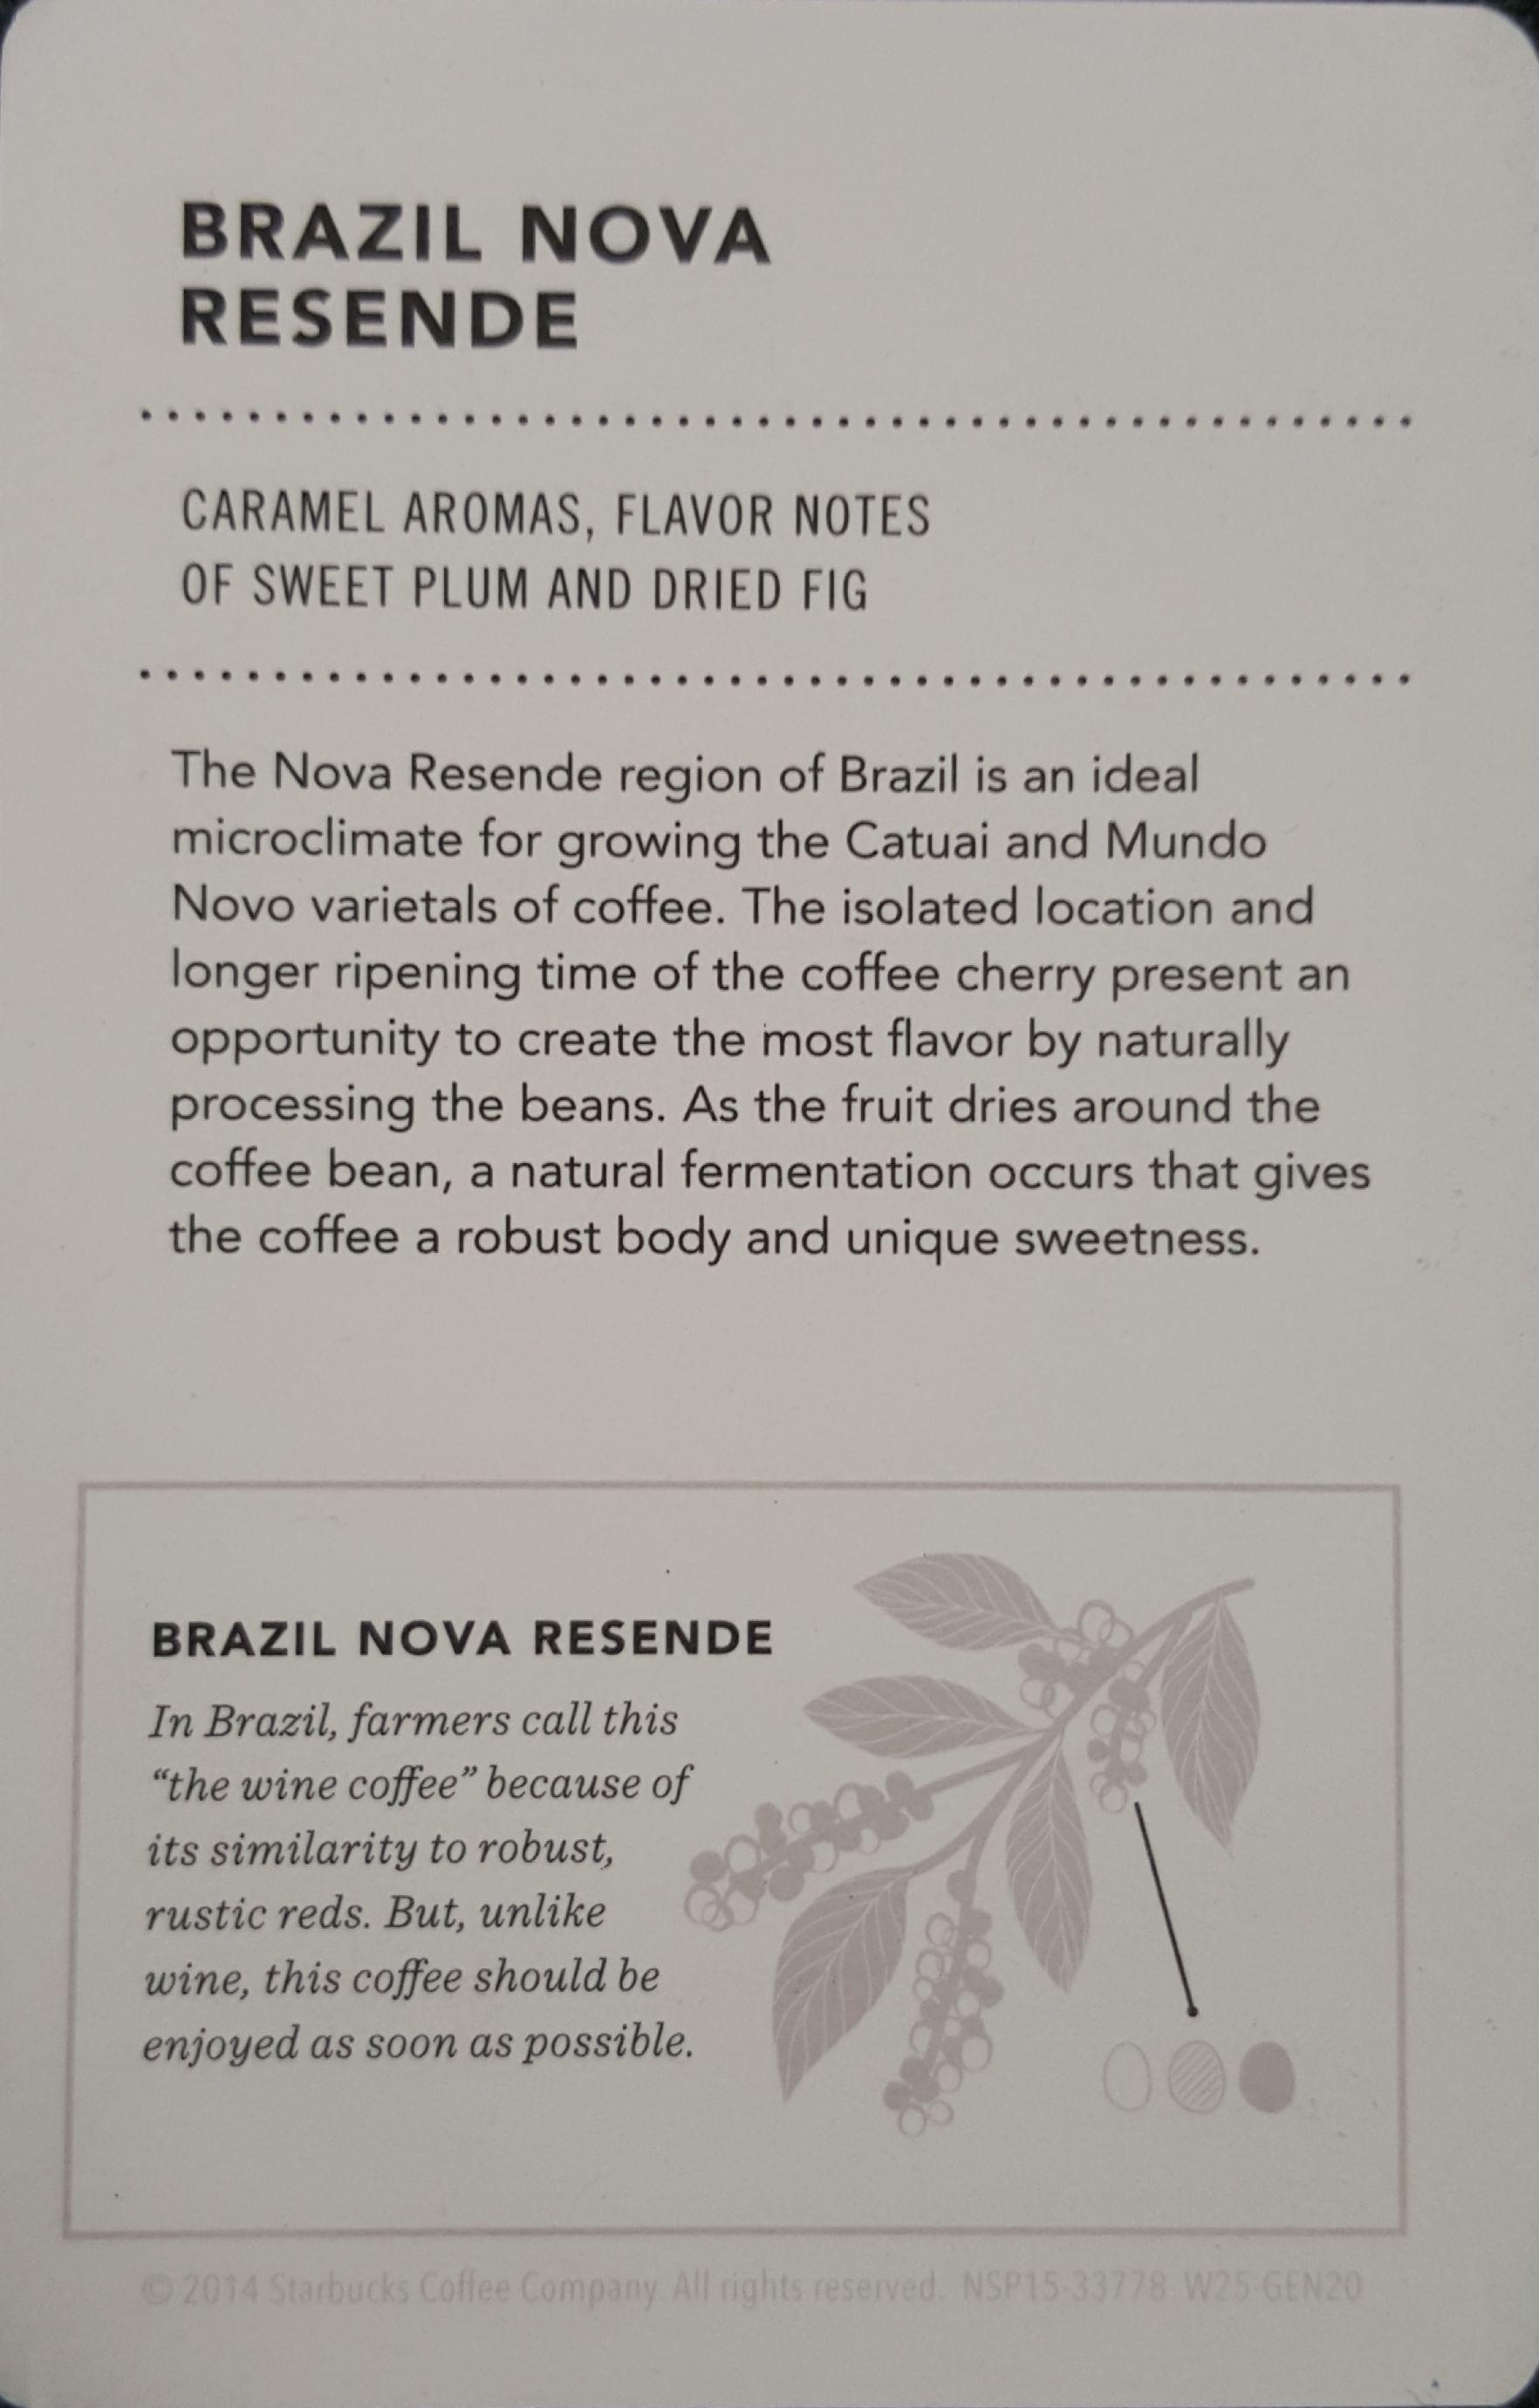 New Doc 2_1 Brazil Nova Resende - back.jpg